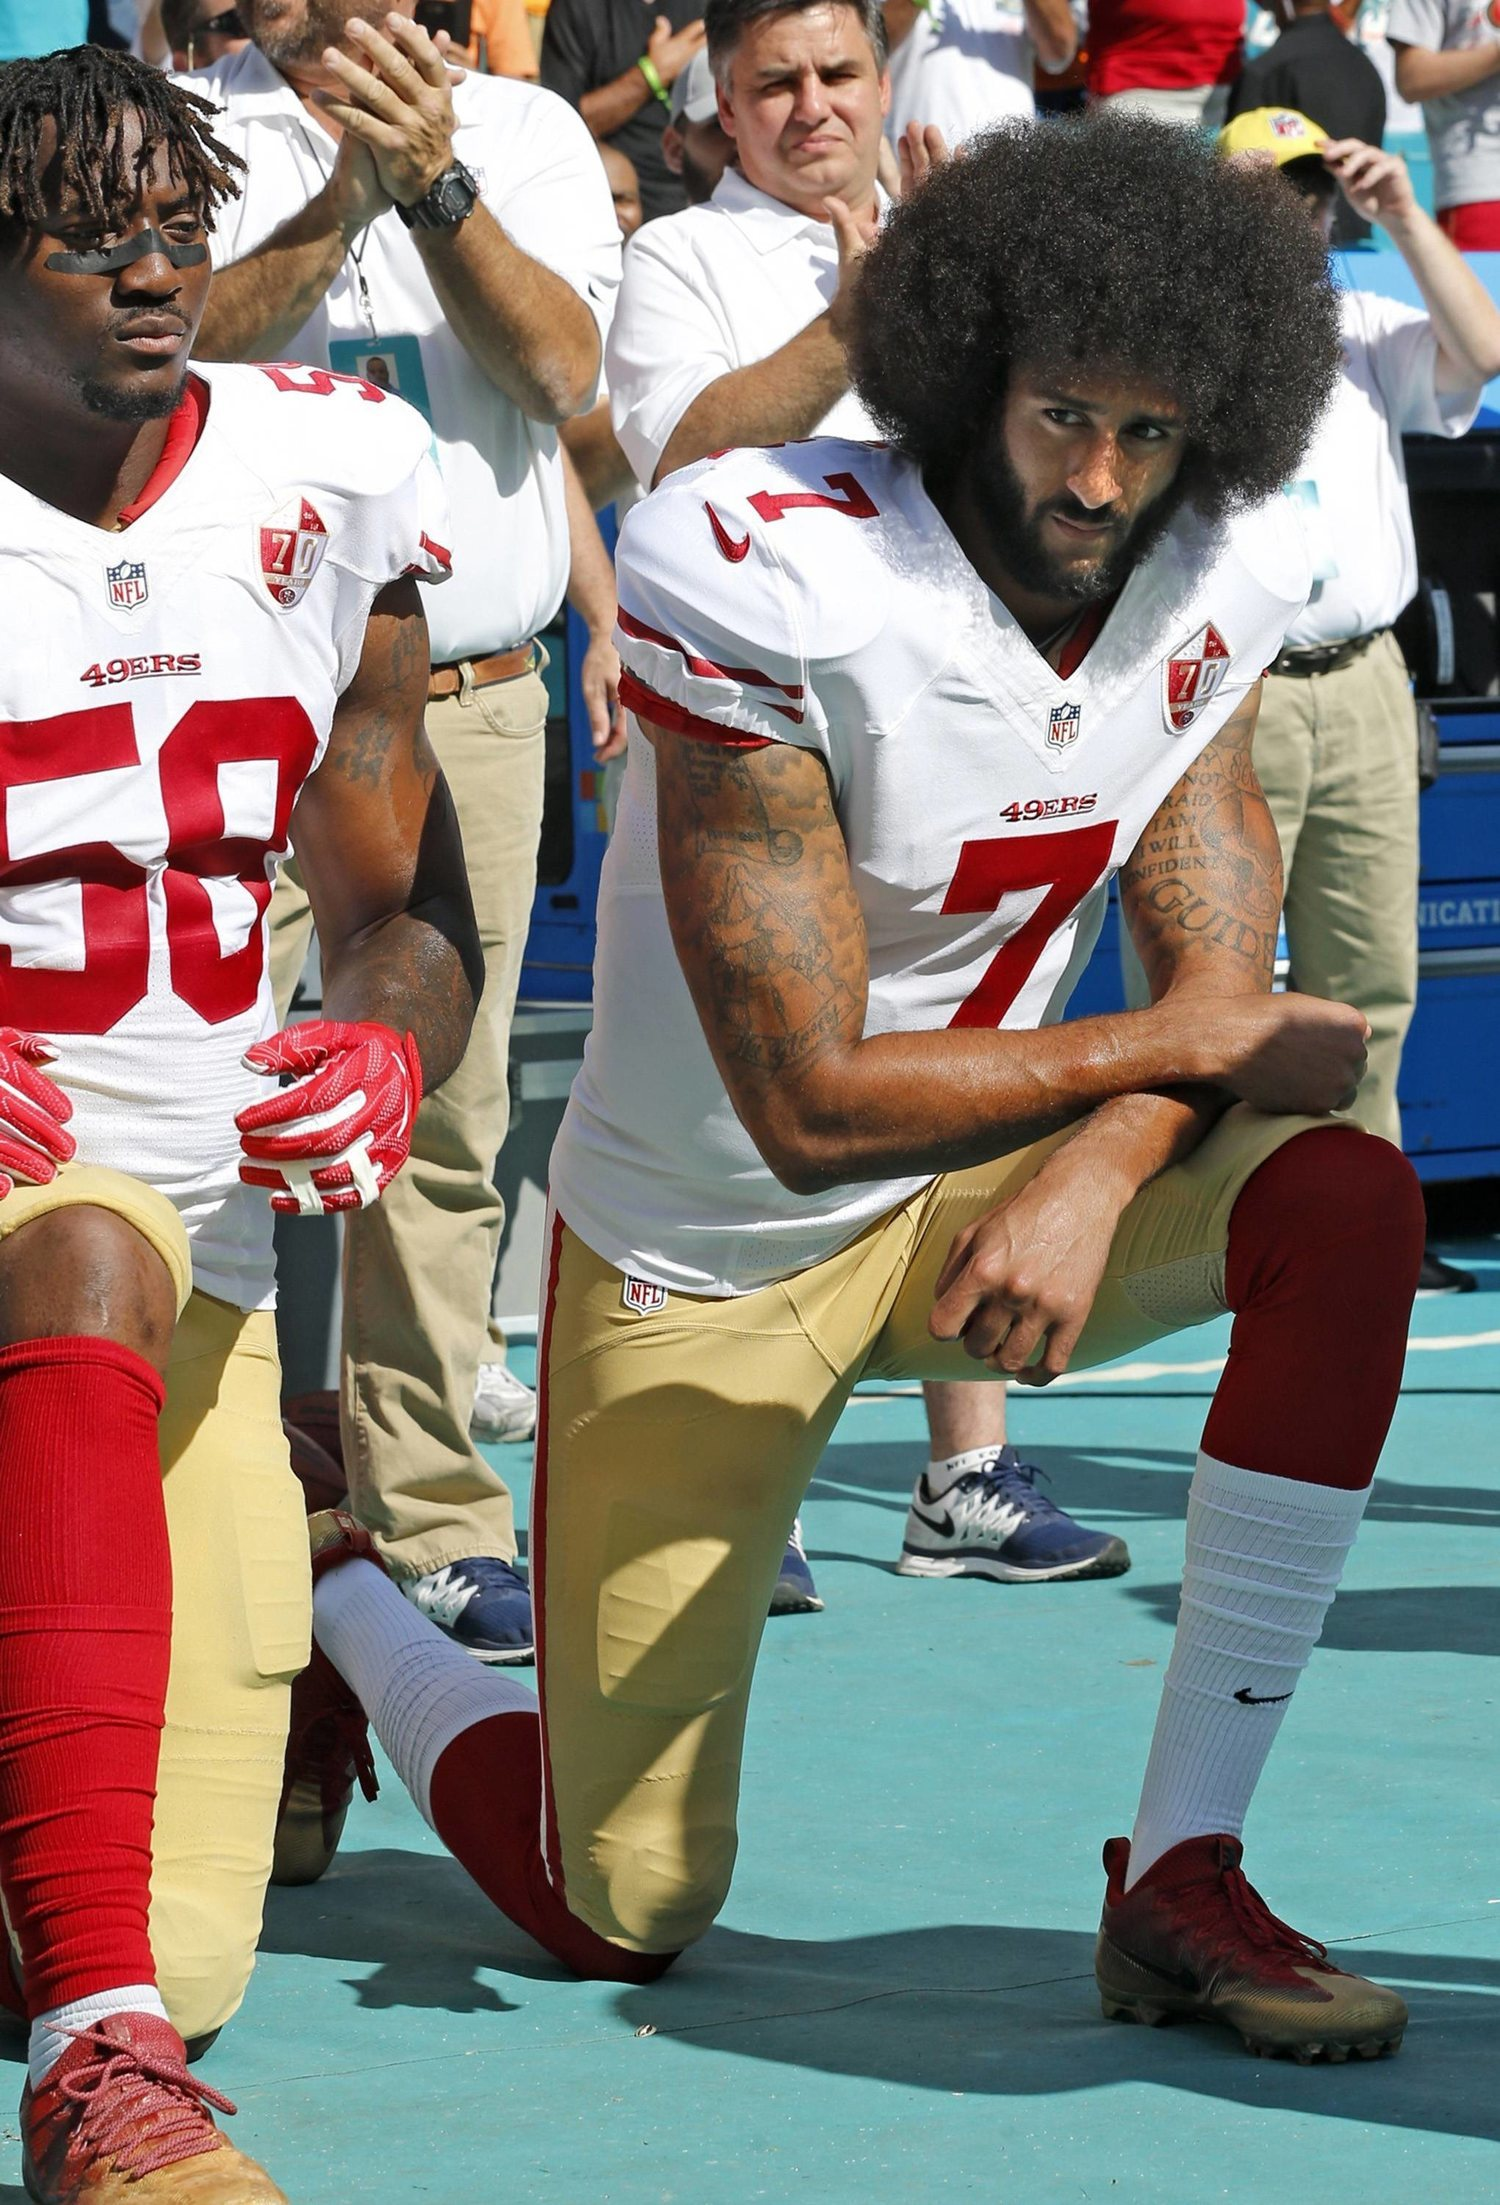 El gesto de Kaepernick impulsó un movimiento de protesta en la NFL.